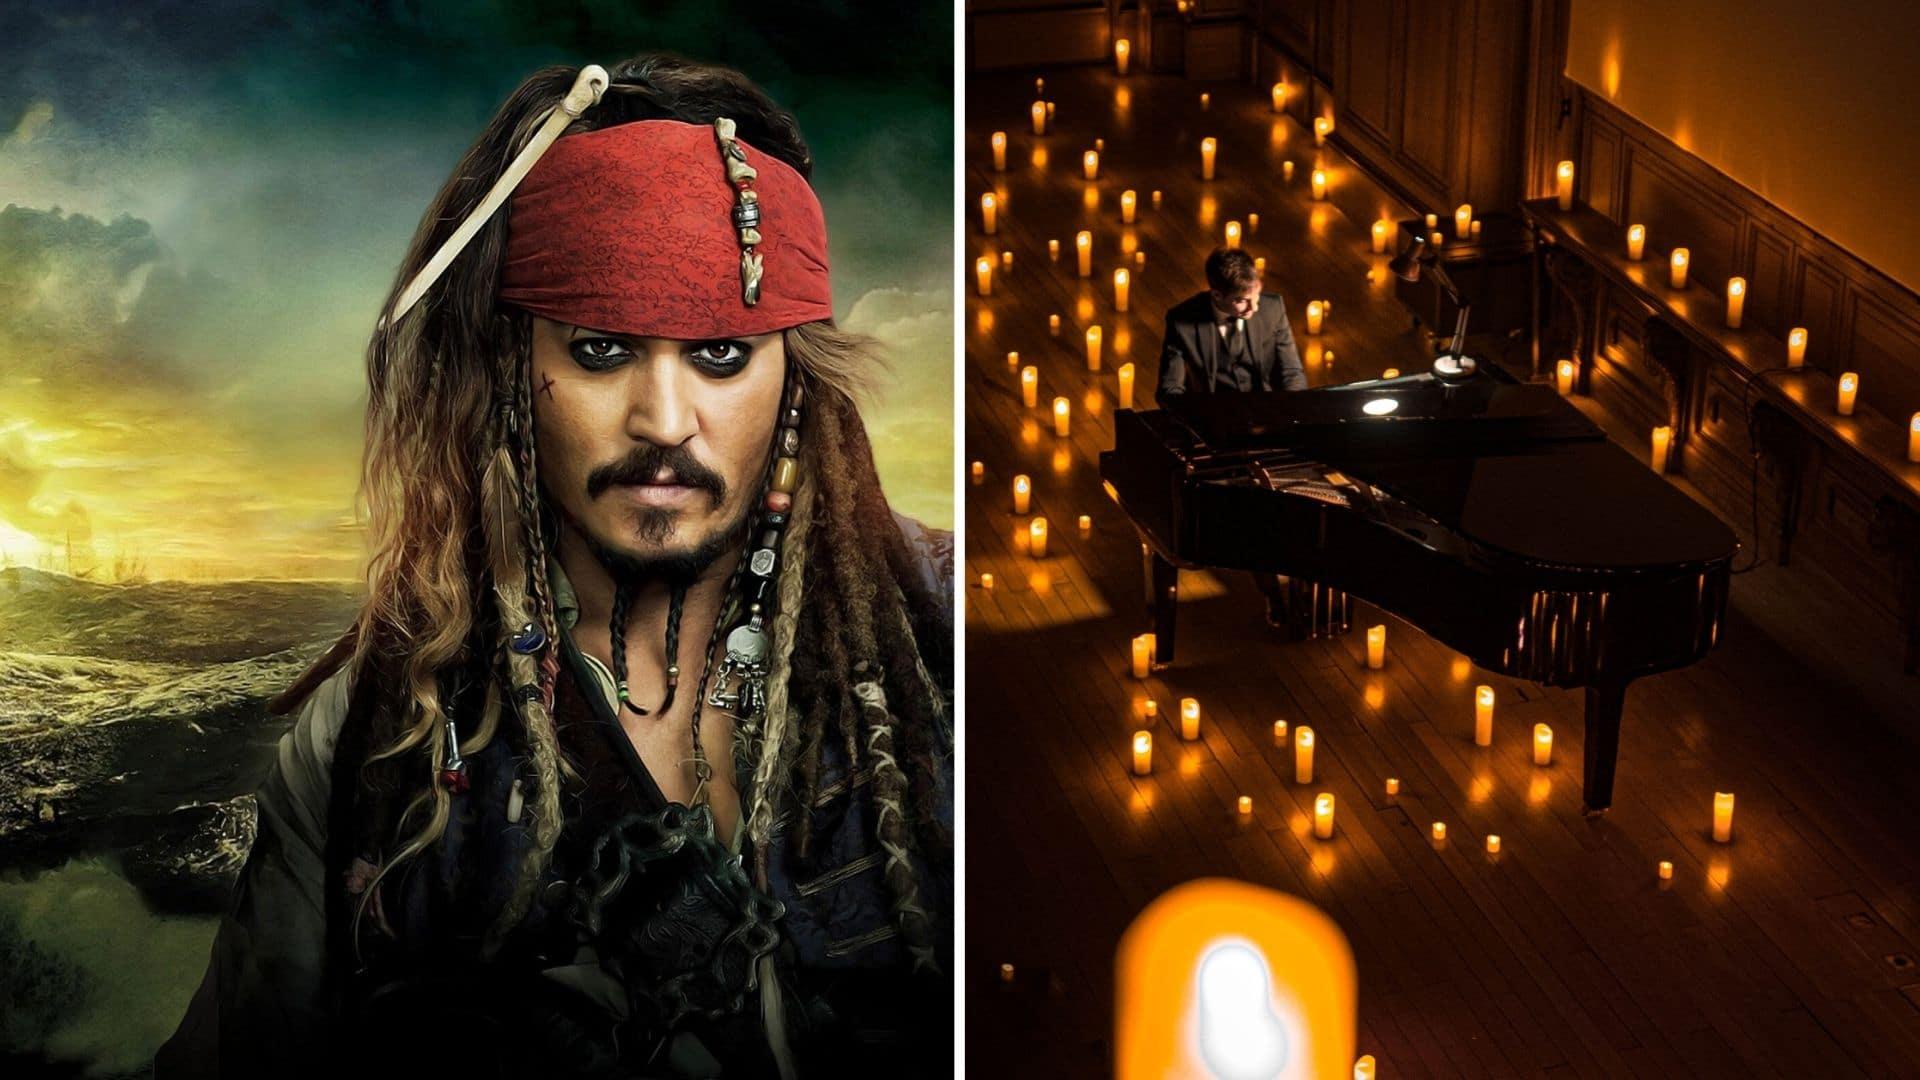 candlelight bougie paris concert musique classique jack sparrow pirate des caraibes